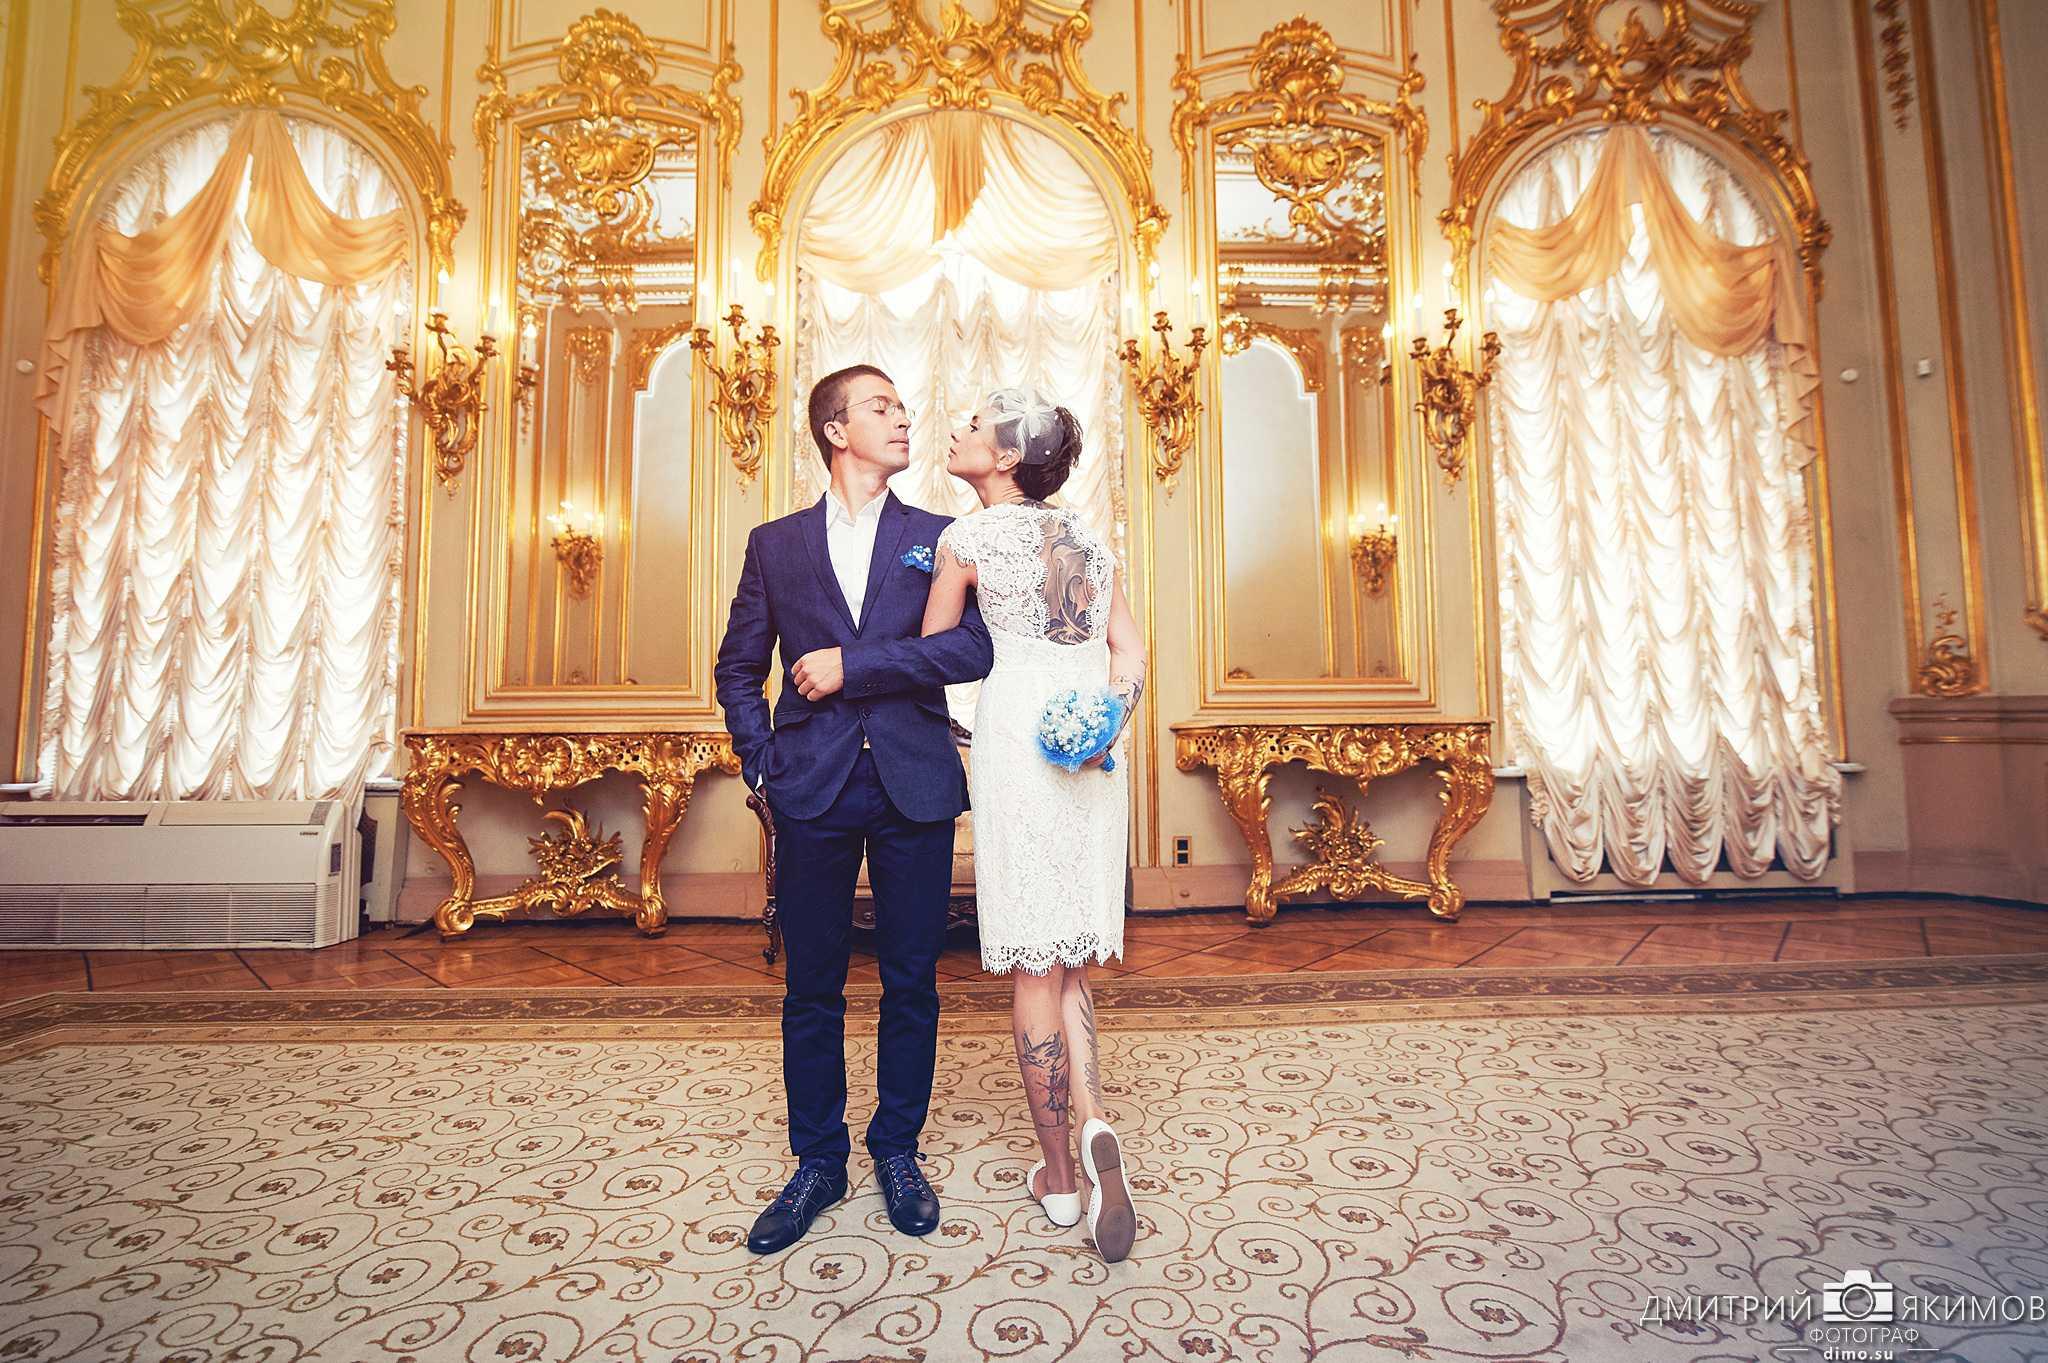 Дворец бракосочетаний Санкт-Петербурга - Золотая гостиная